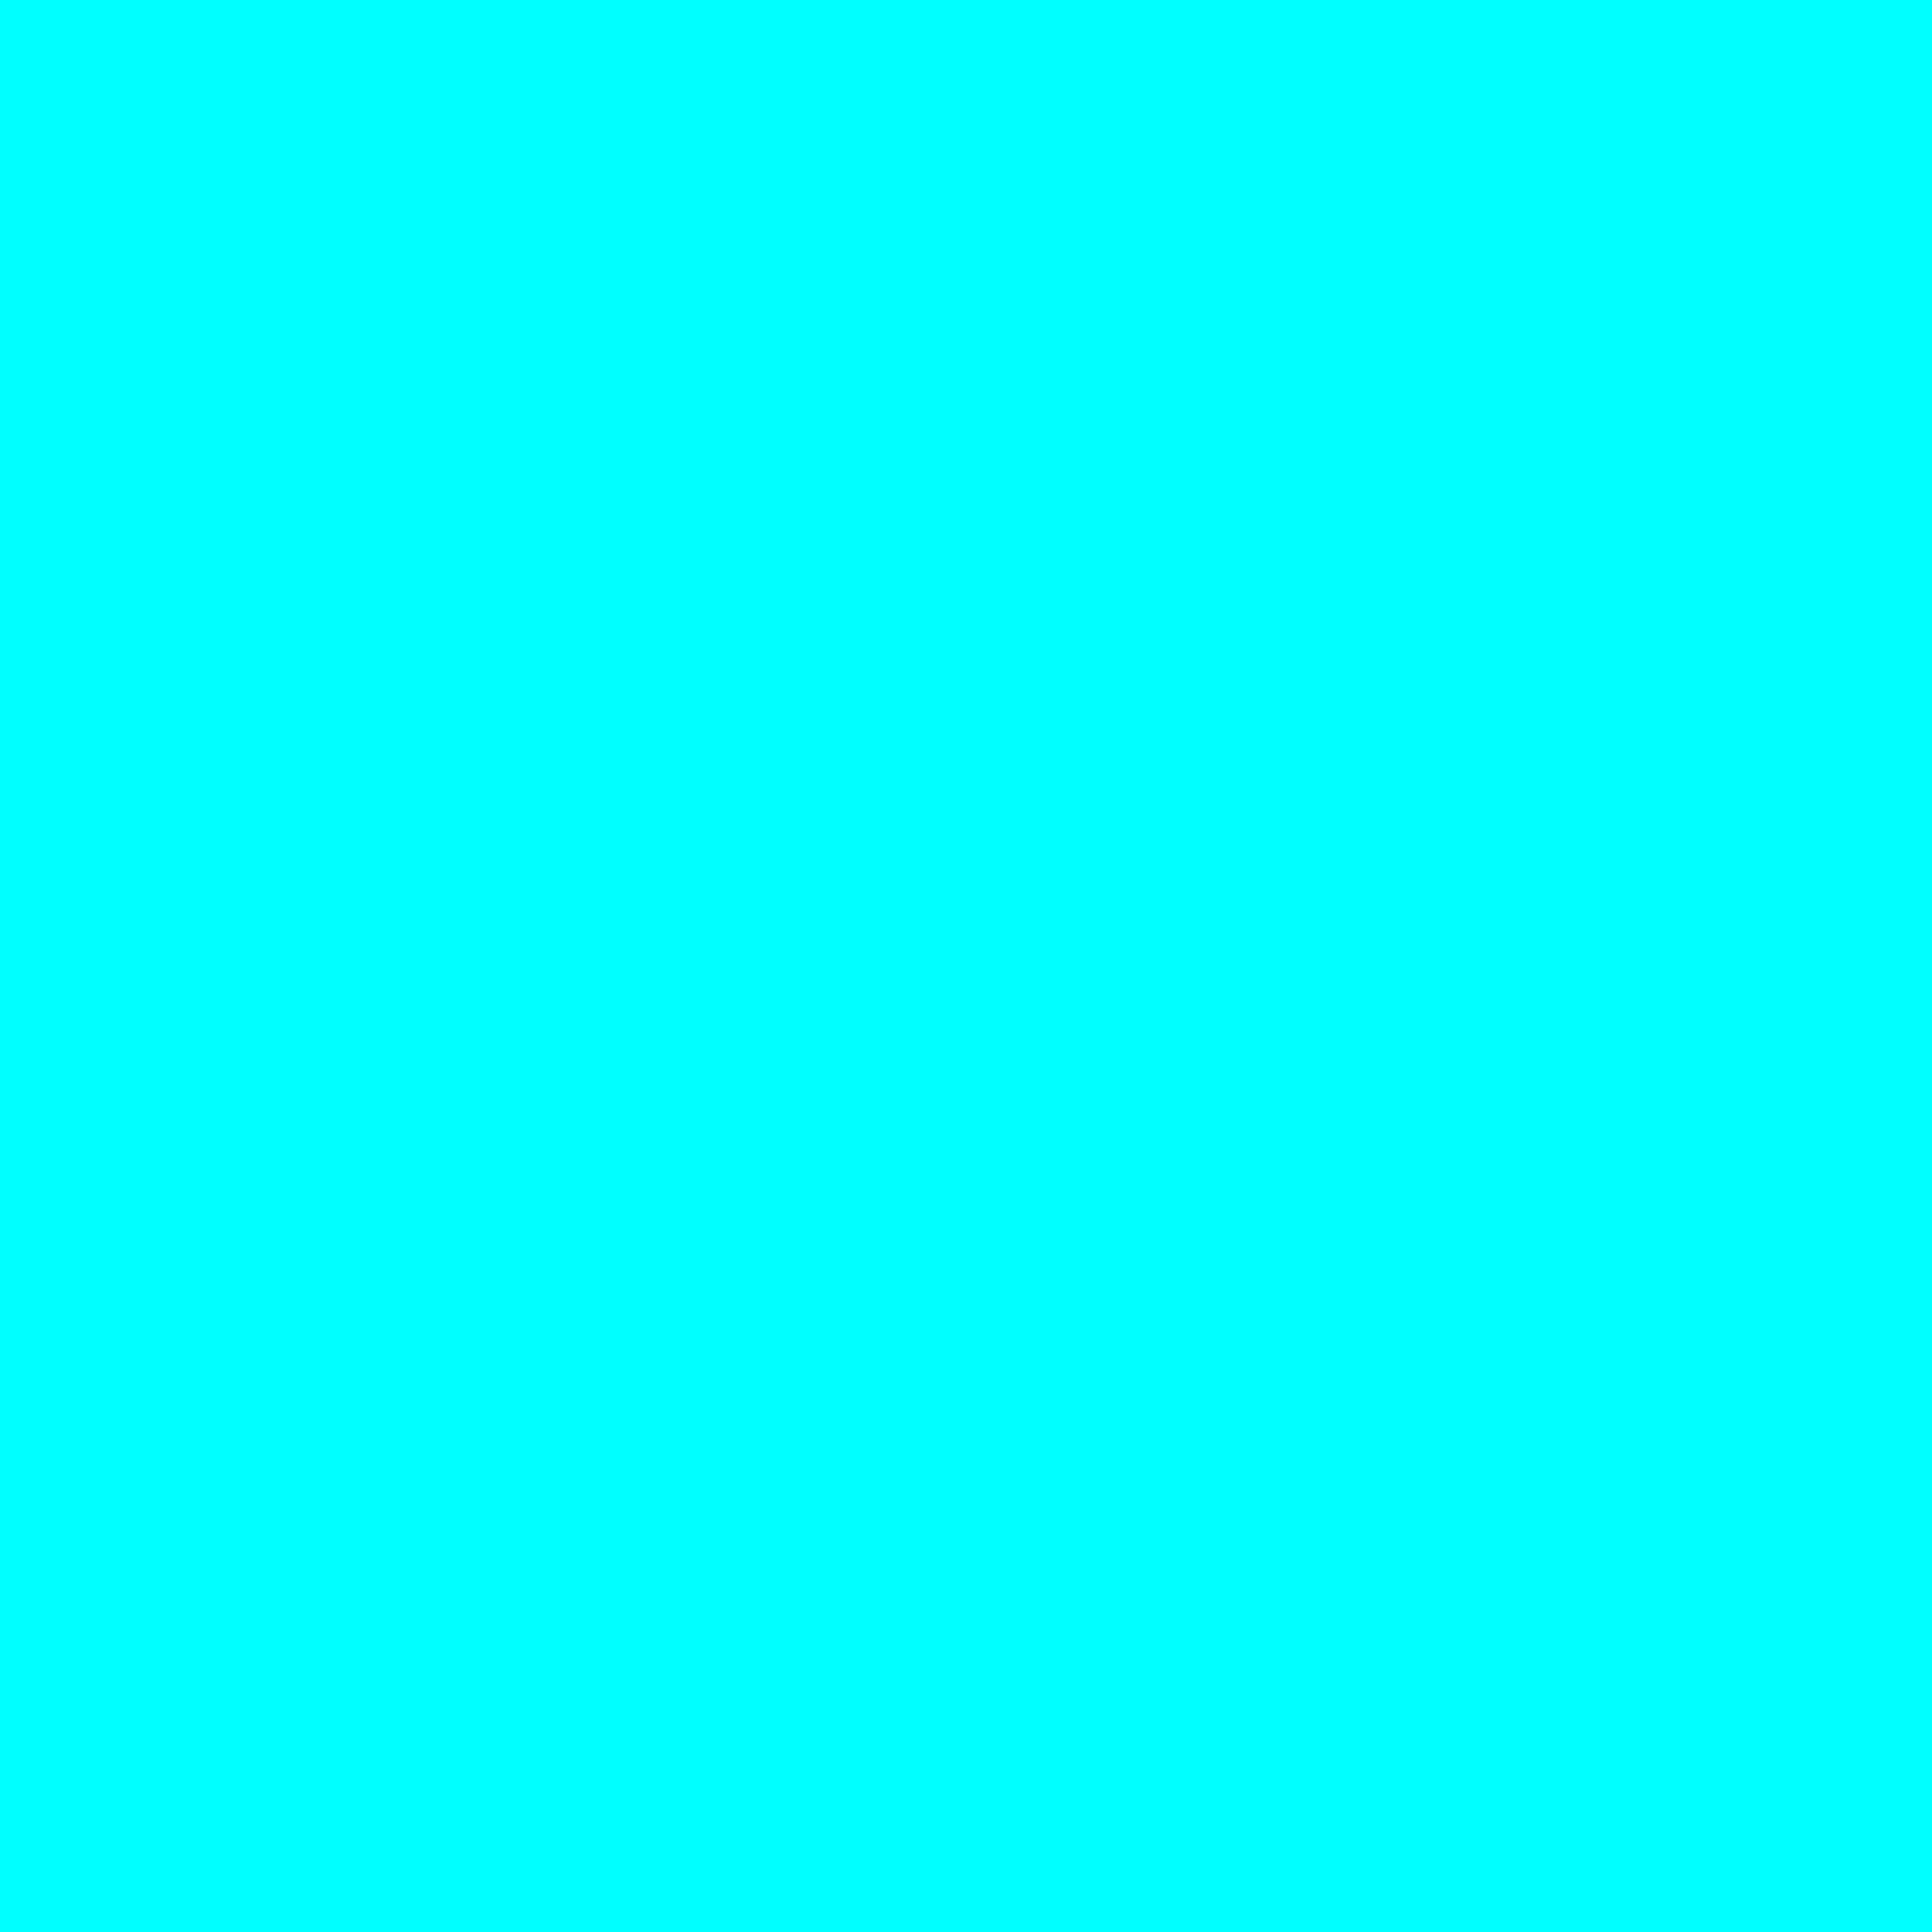 2732x2732 Aqua Solid Color Background